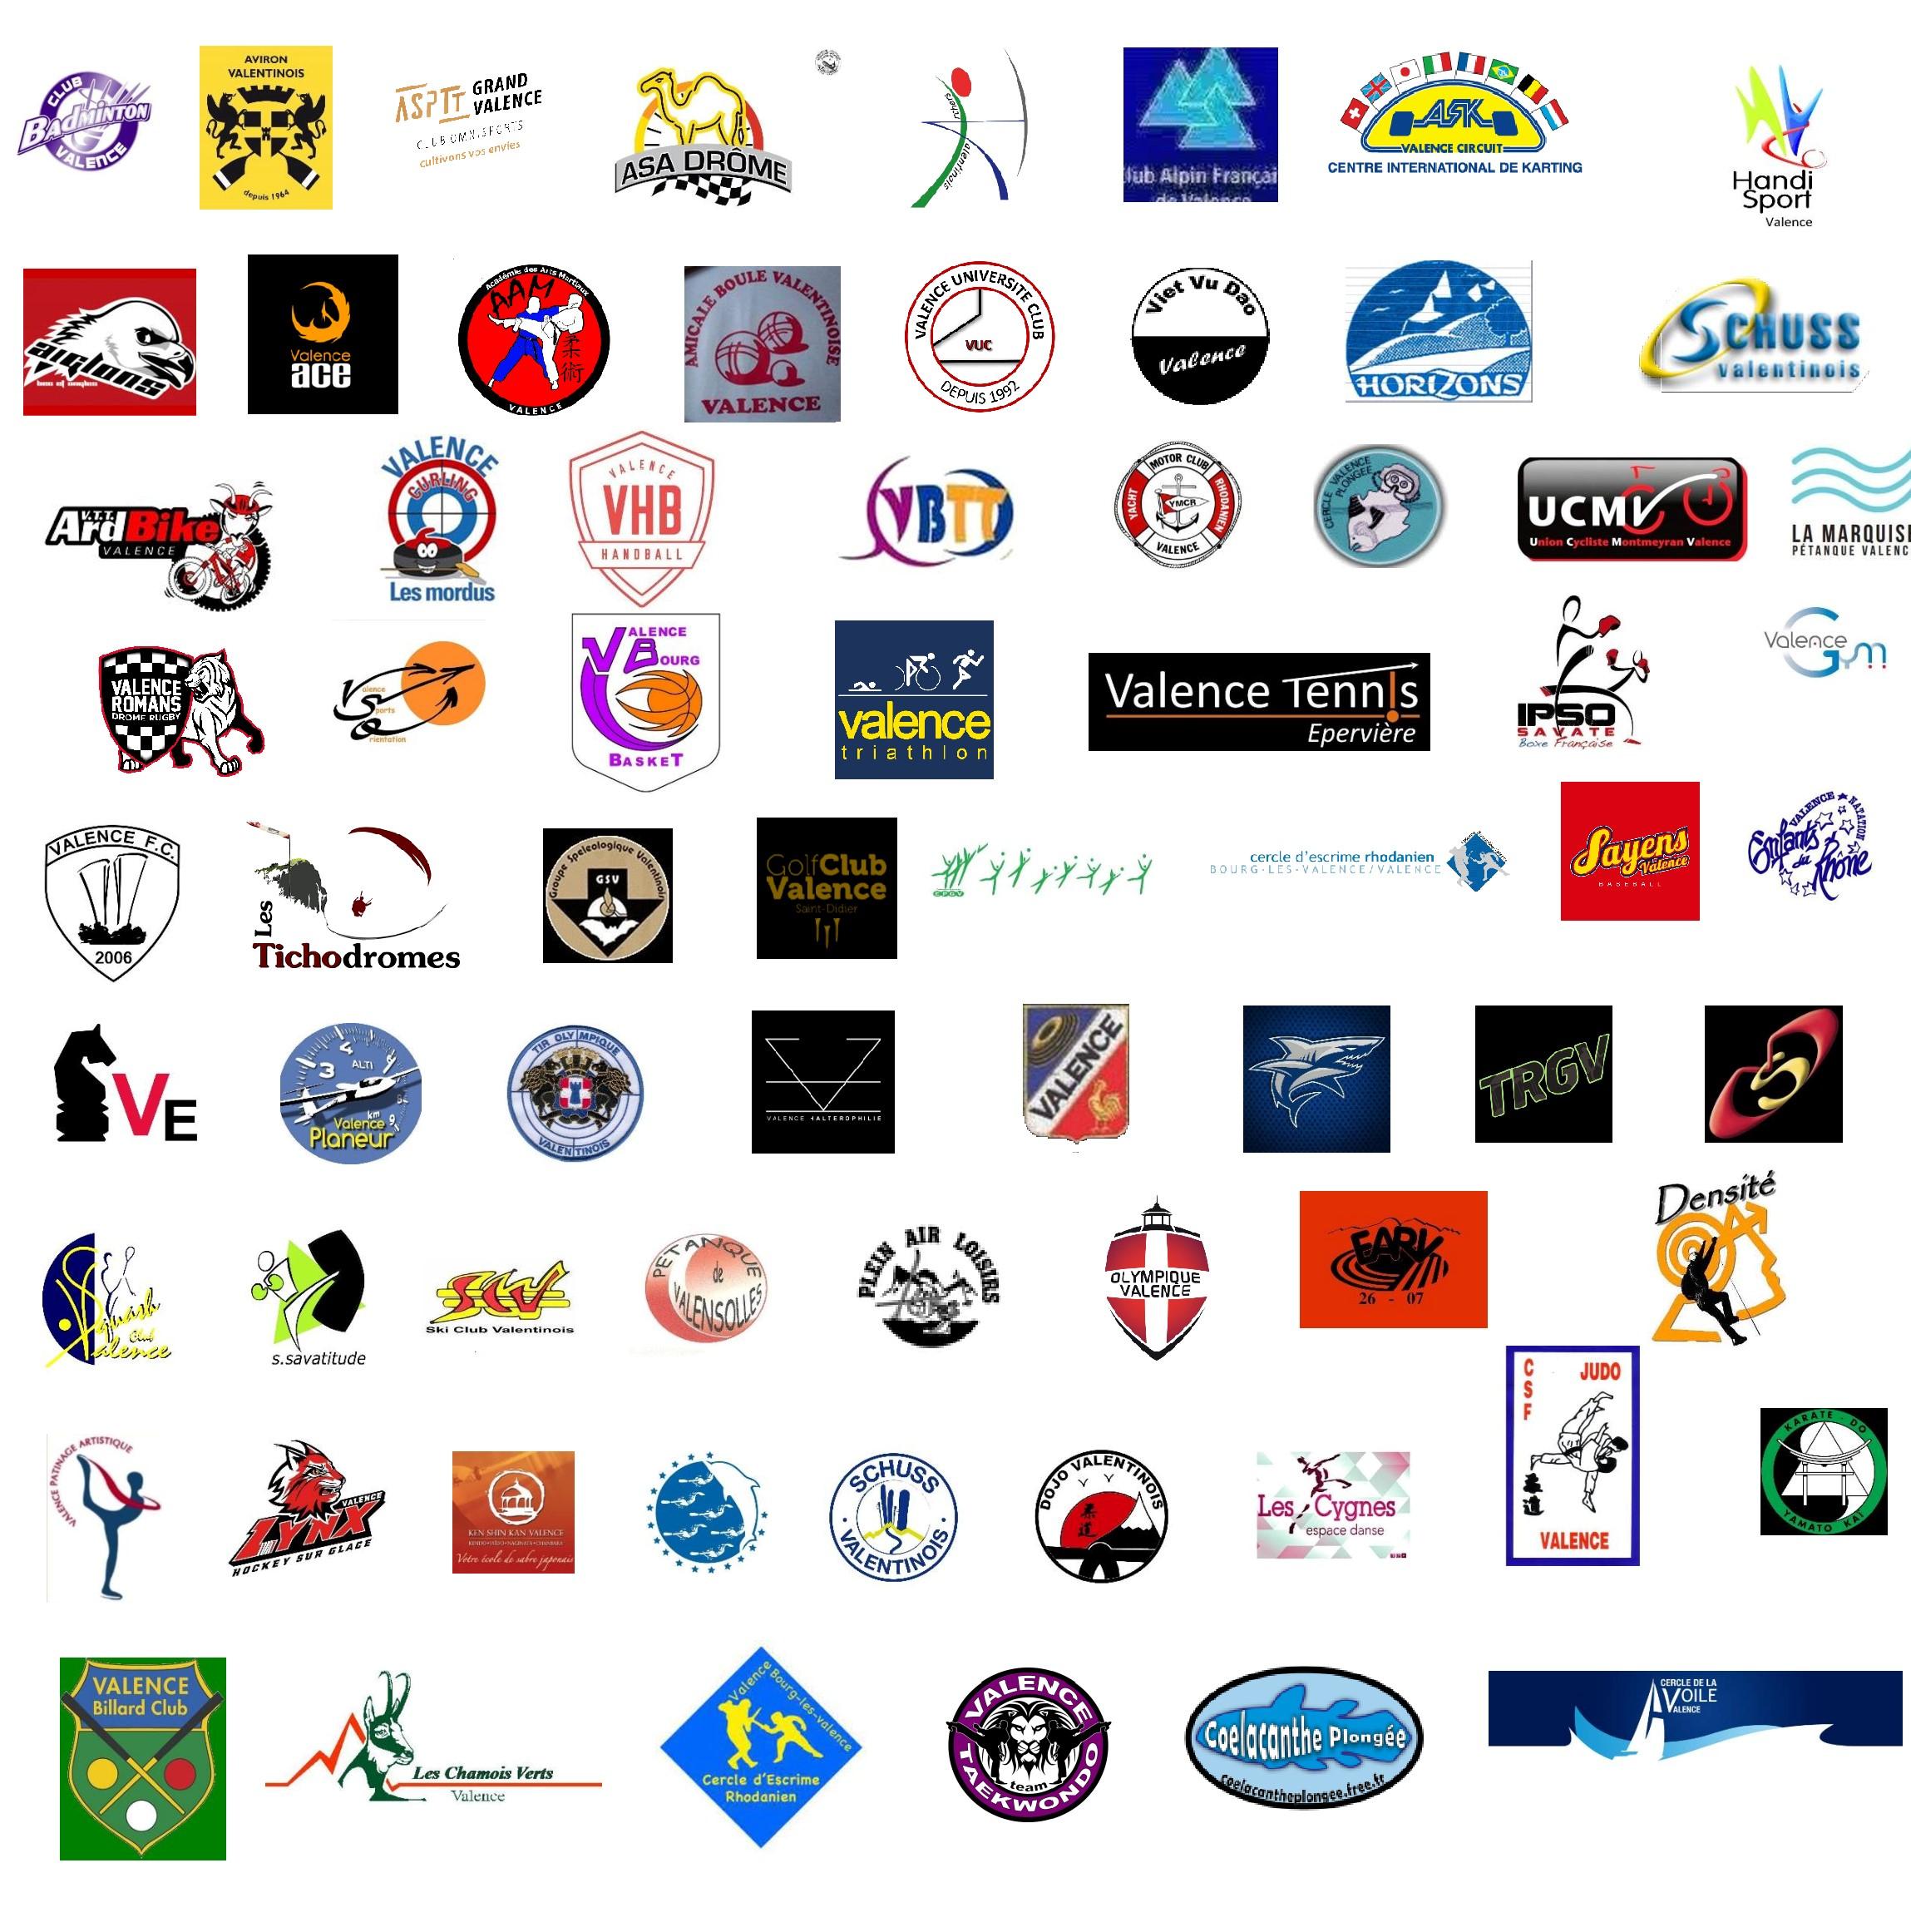 Les 110 clubs affiliés à l'OSV